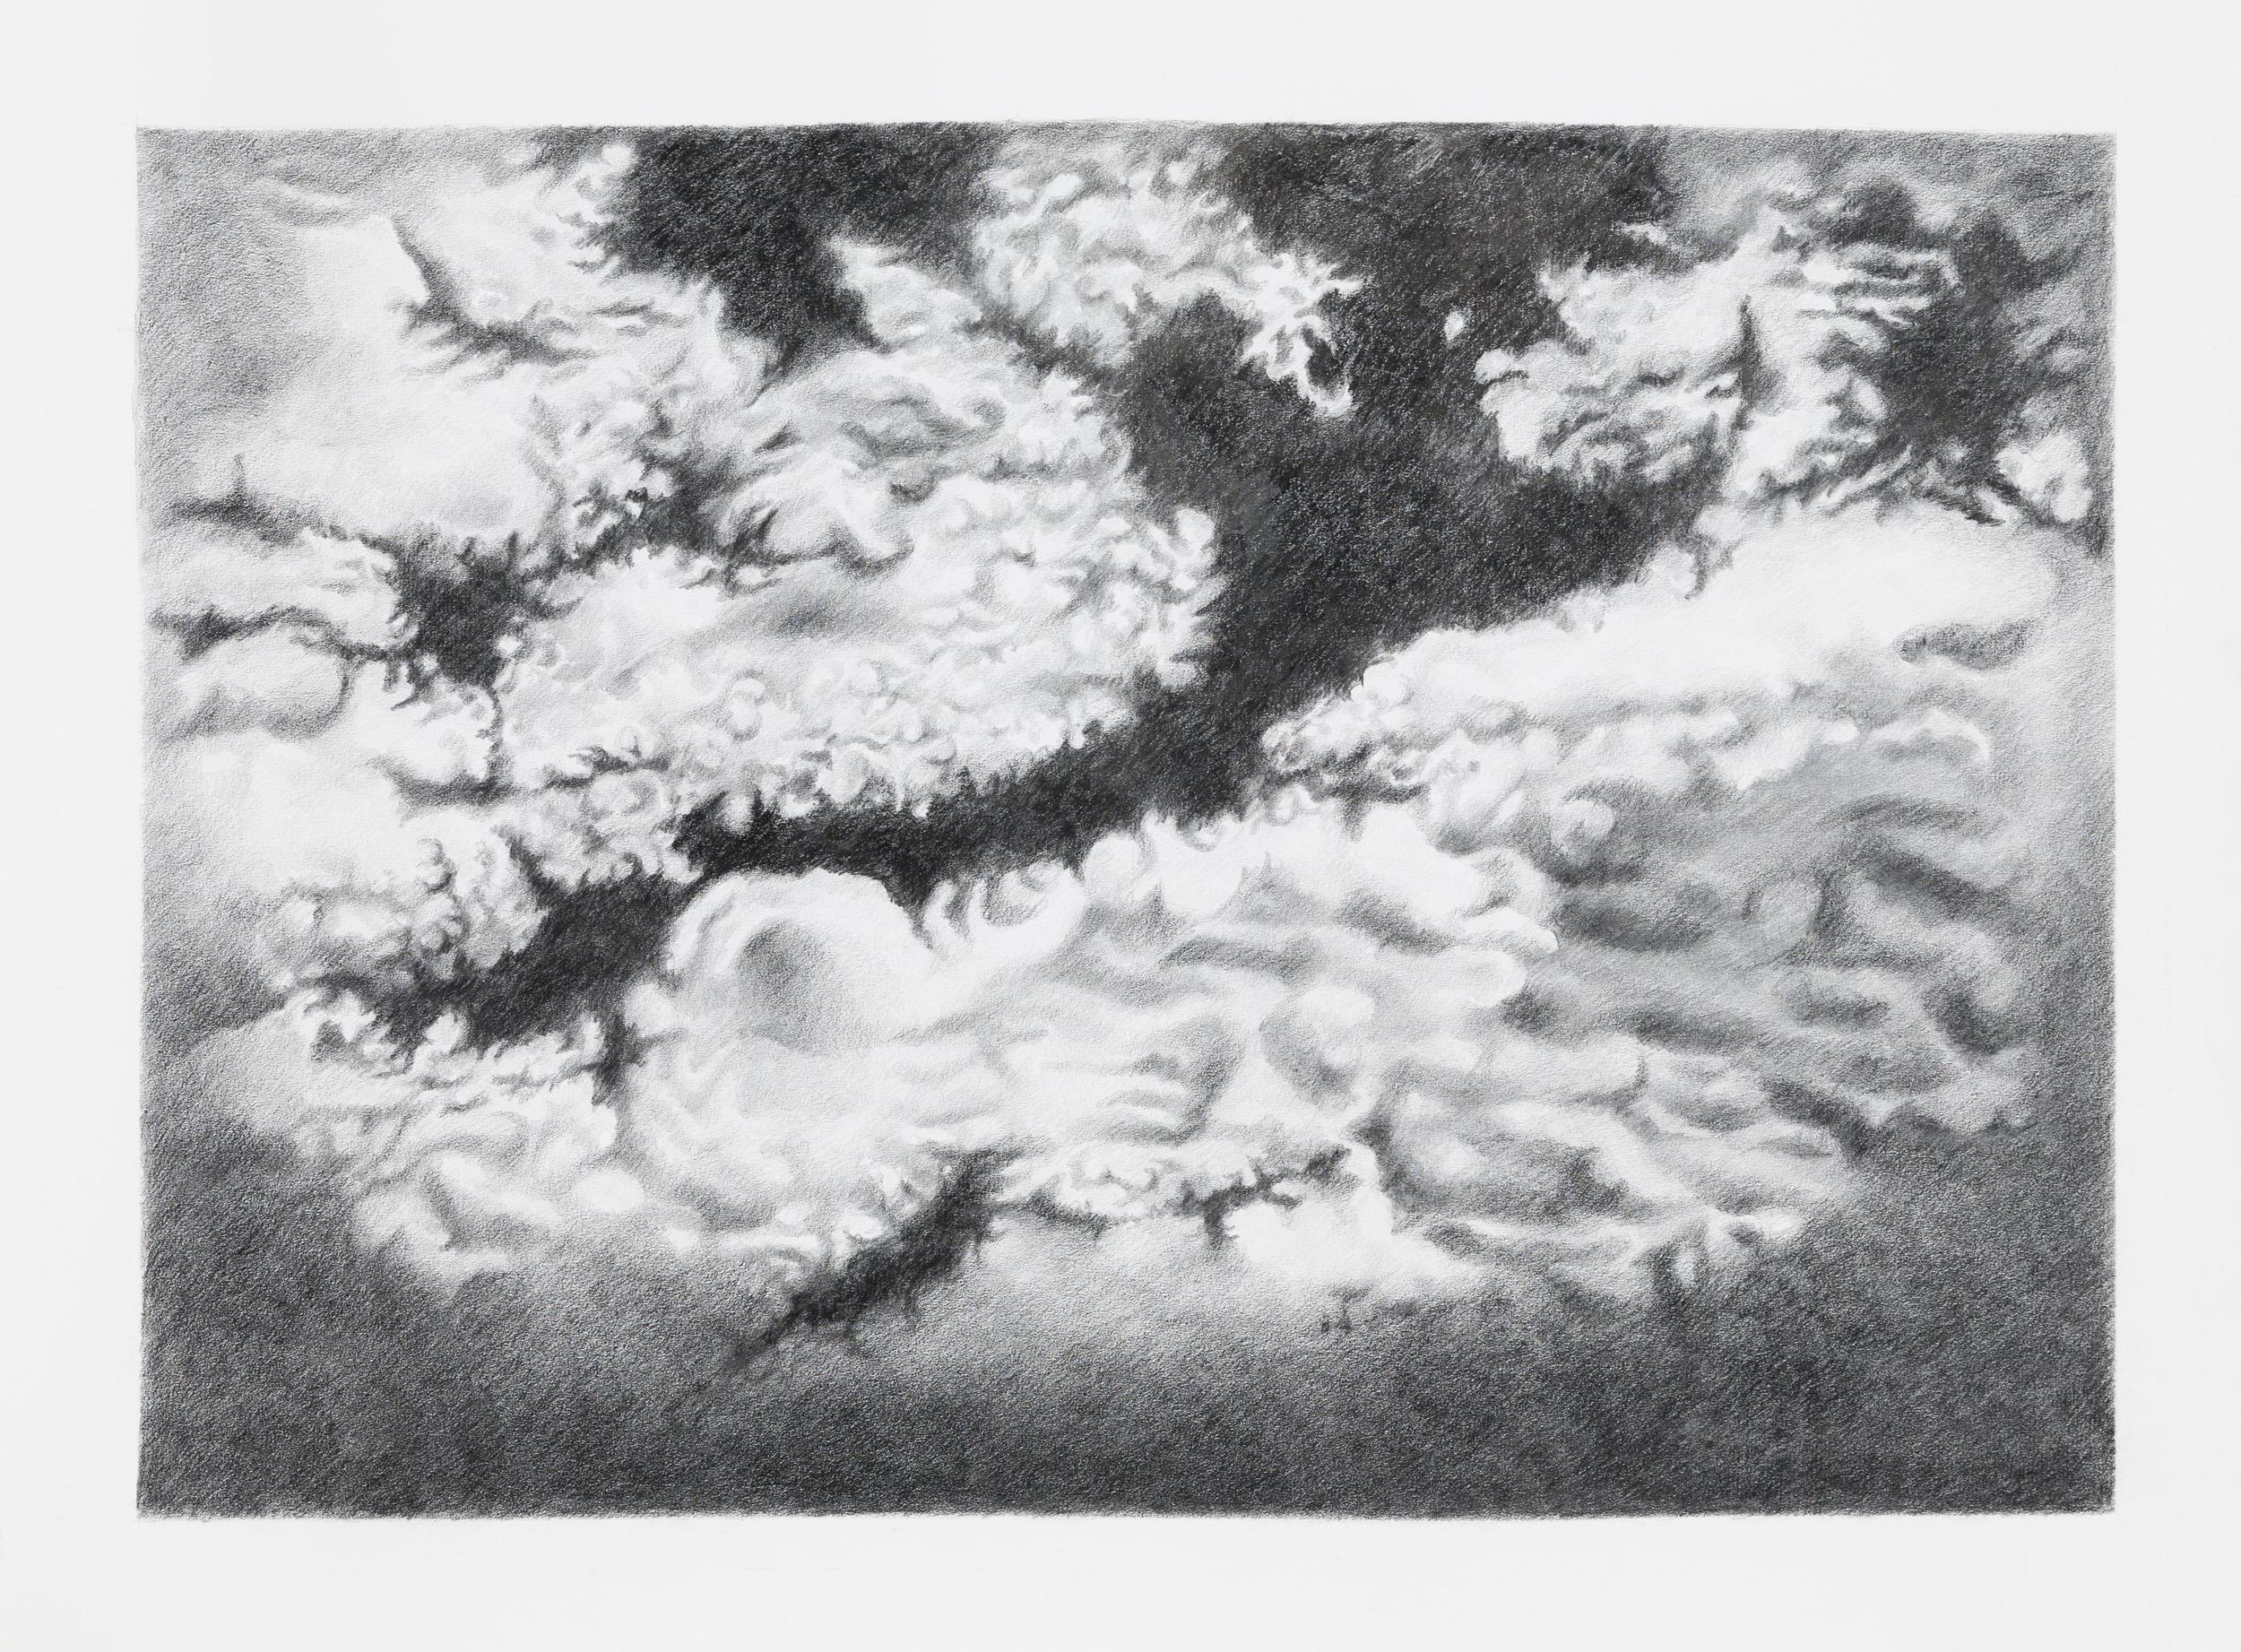 serie Estudio de nubes IV, 2014 grafite su carta Fabriano 100 cm x 70 cm